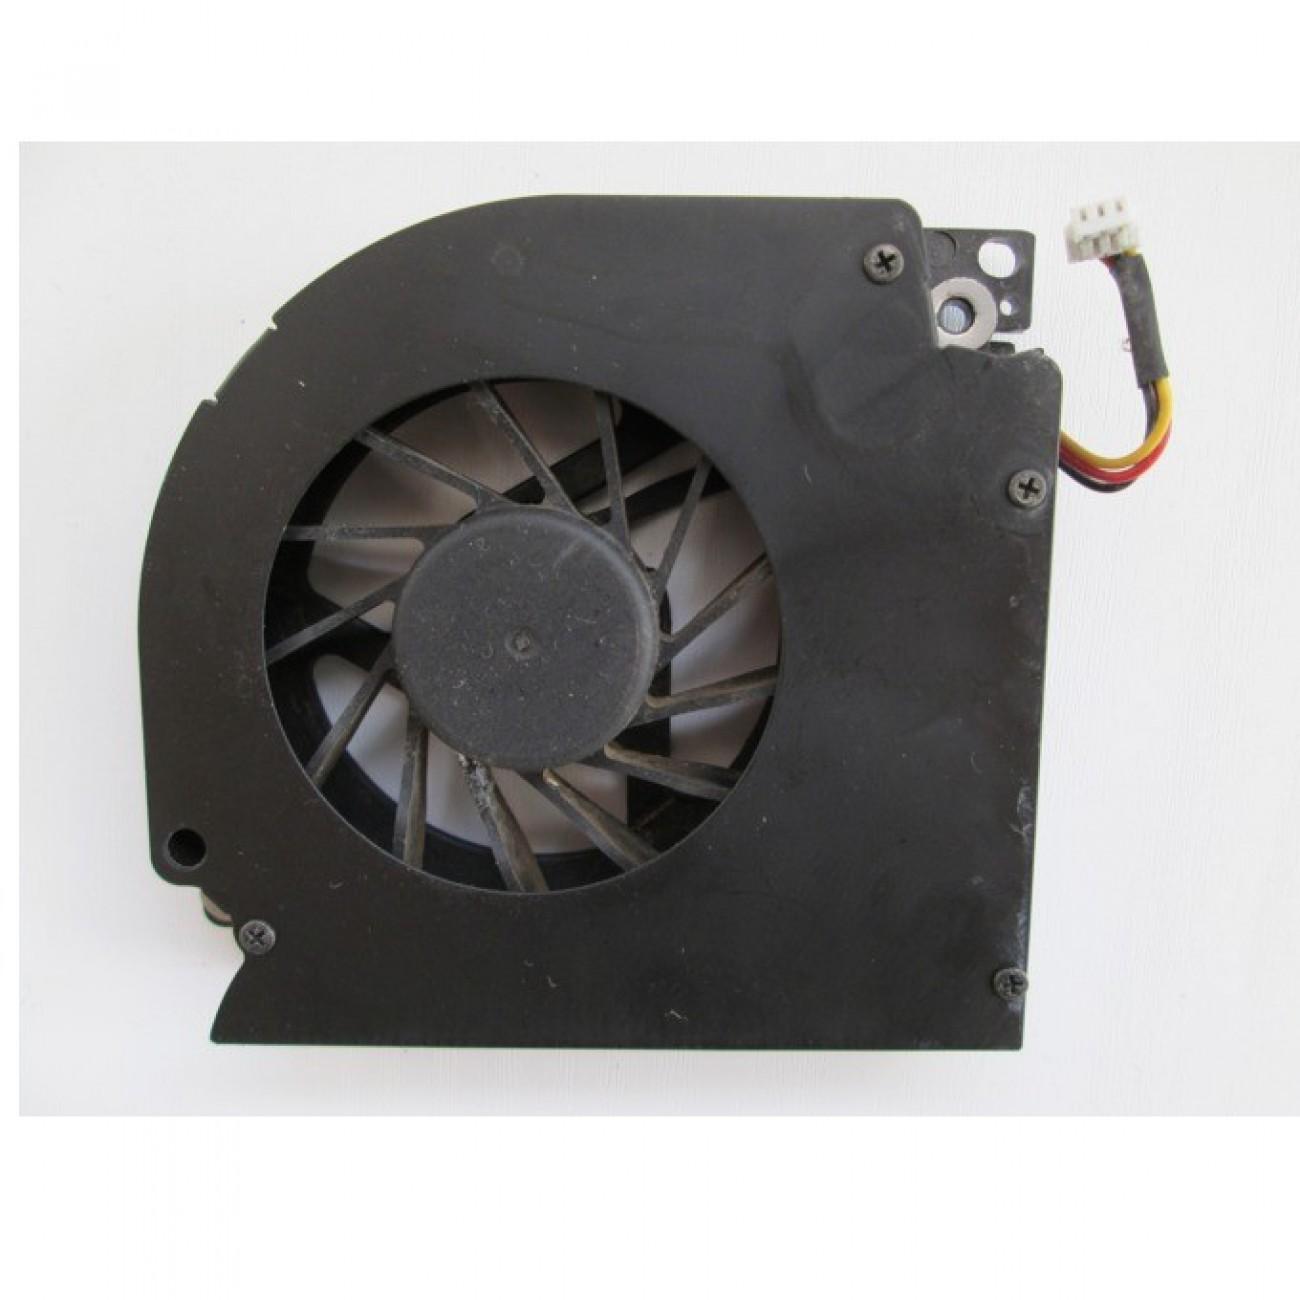 Вентилатор за лаптоп, ASUS G70 4-pins в Резервни части -  | Alleop